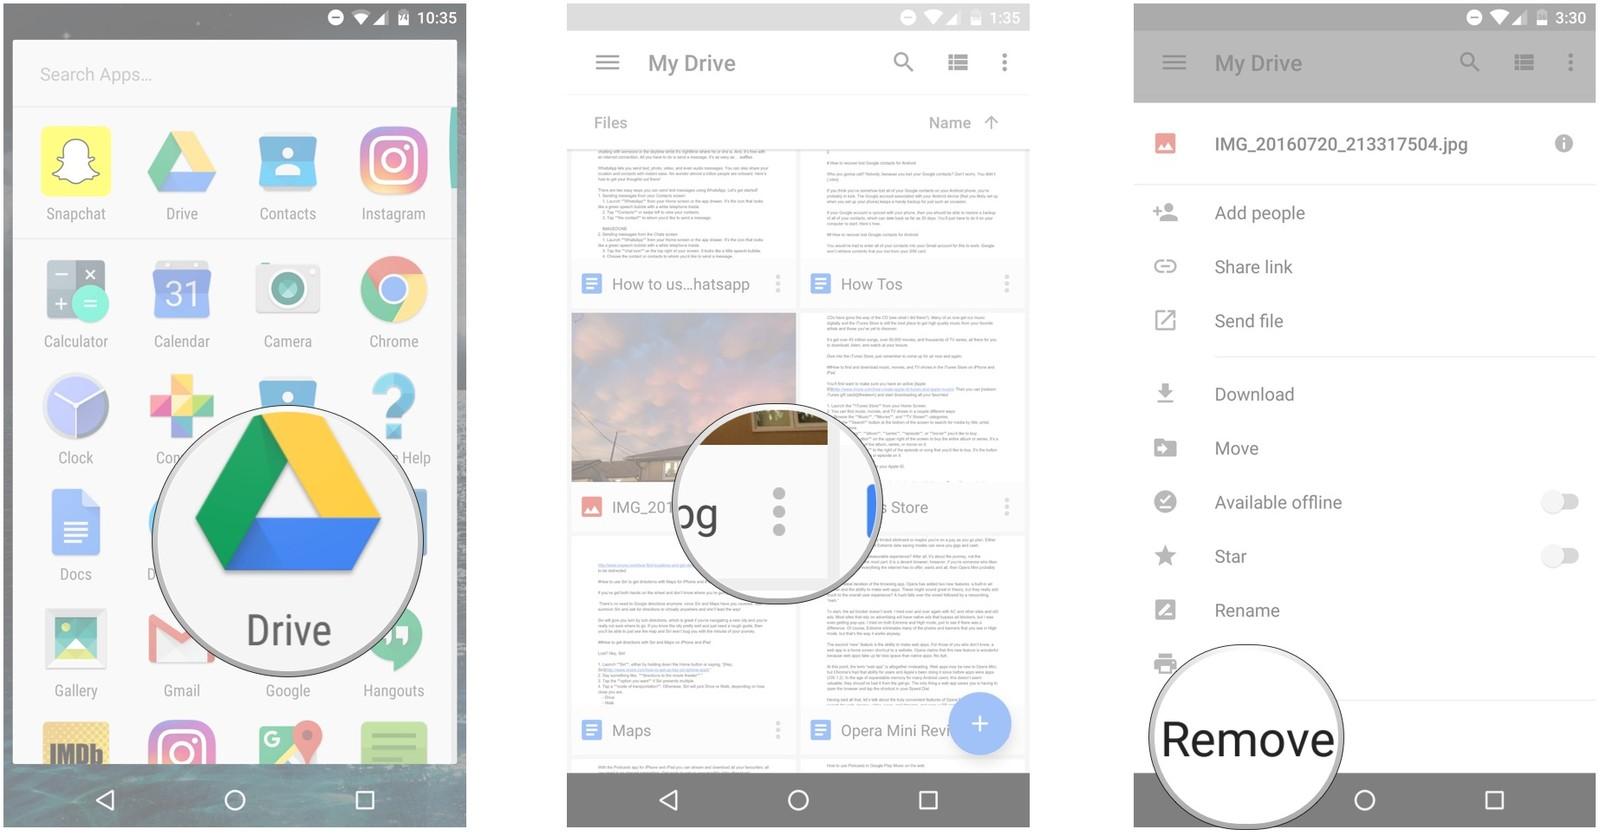 podrobnaya-instrukciya-po-ispolzovaniyu-google-drive-udalenie-fajjla